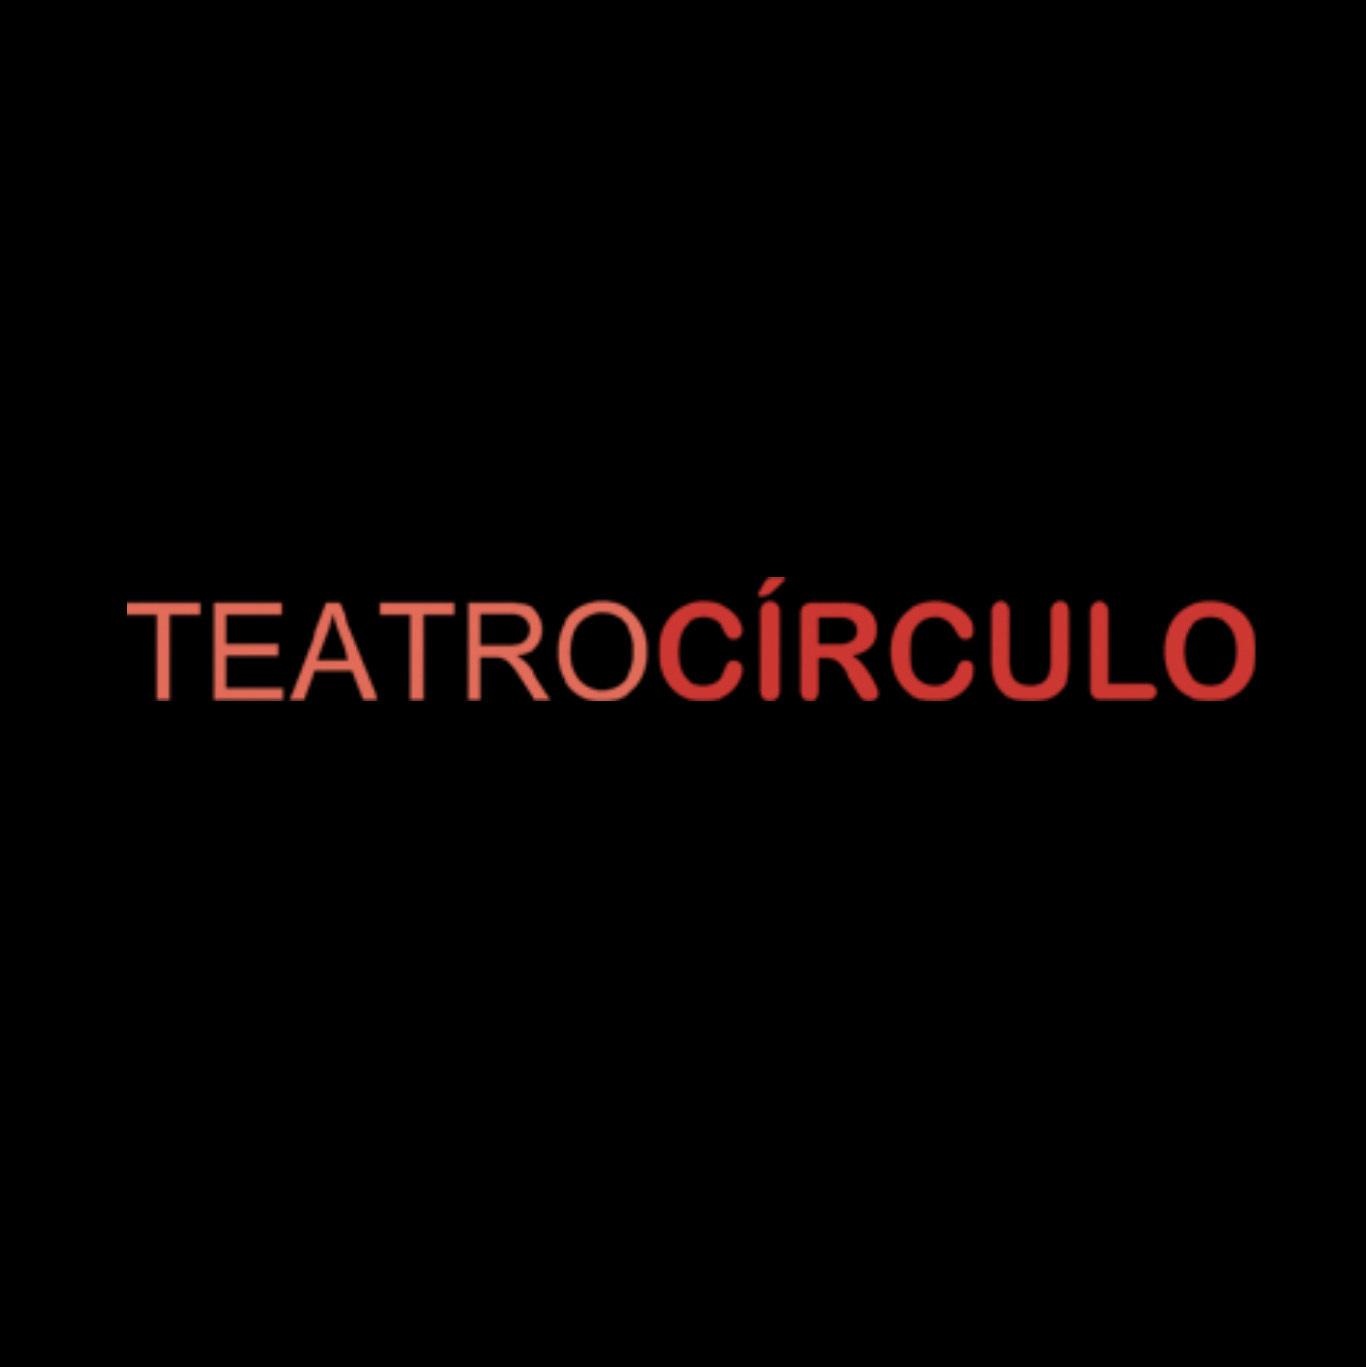 Teatro Círculo